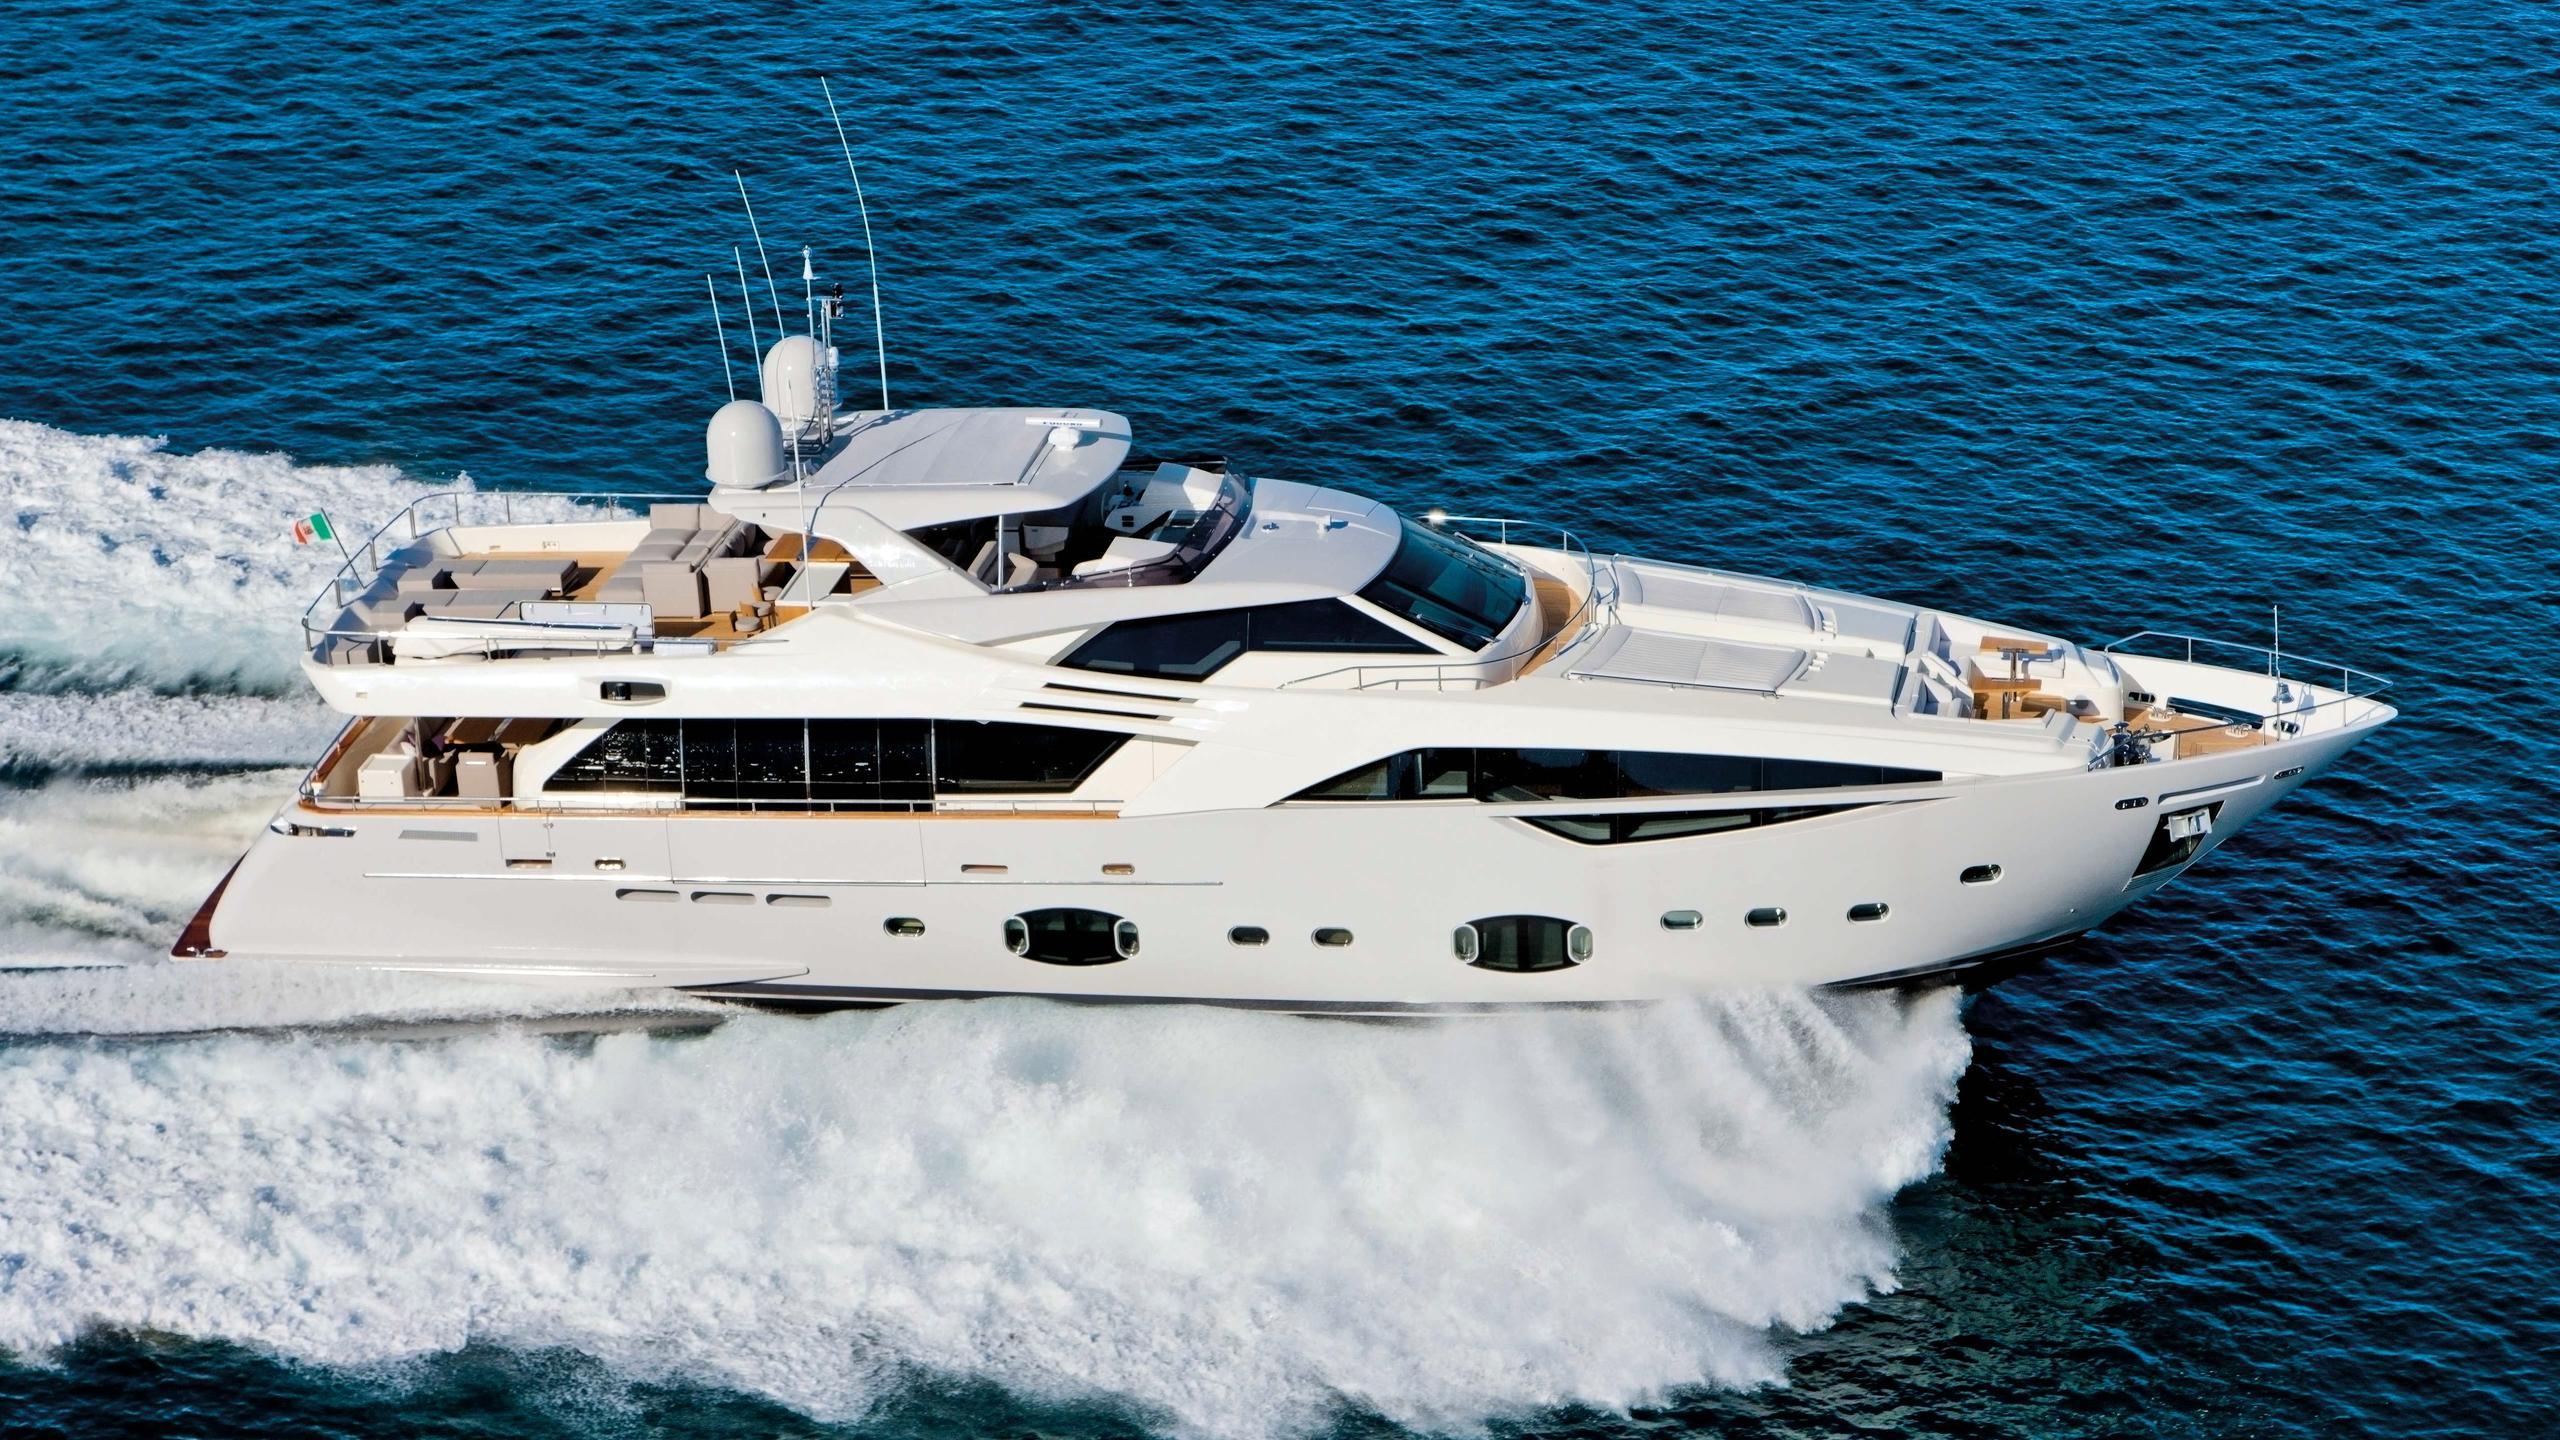 custom-line-100-11-motor-yacht-ferretti-2014-31m-aerial